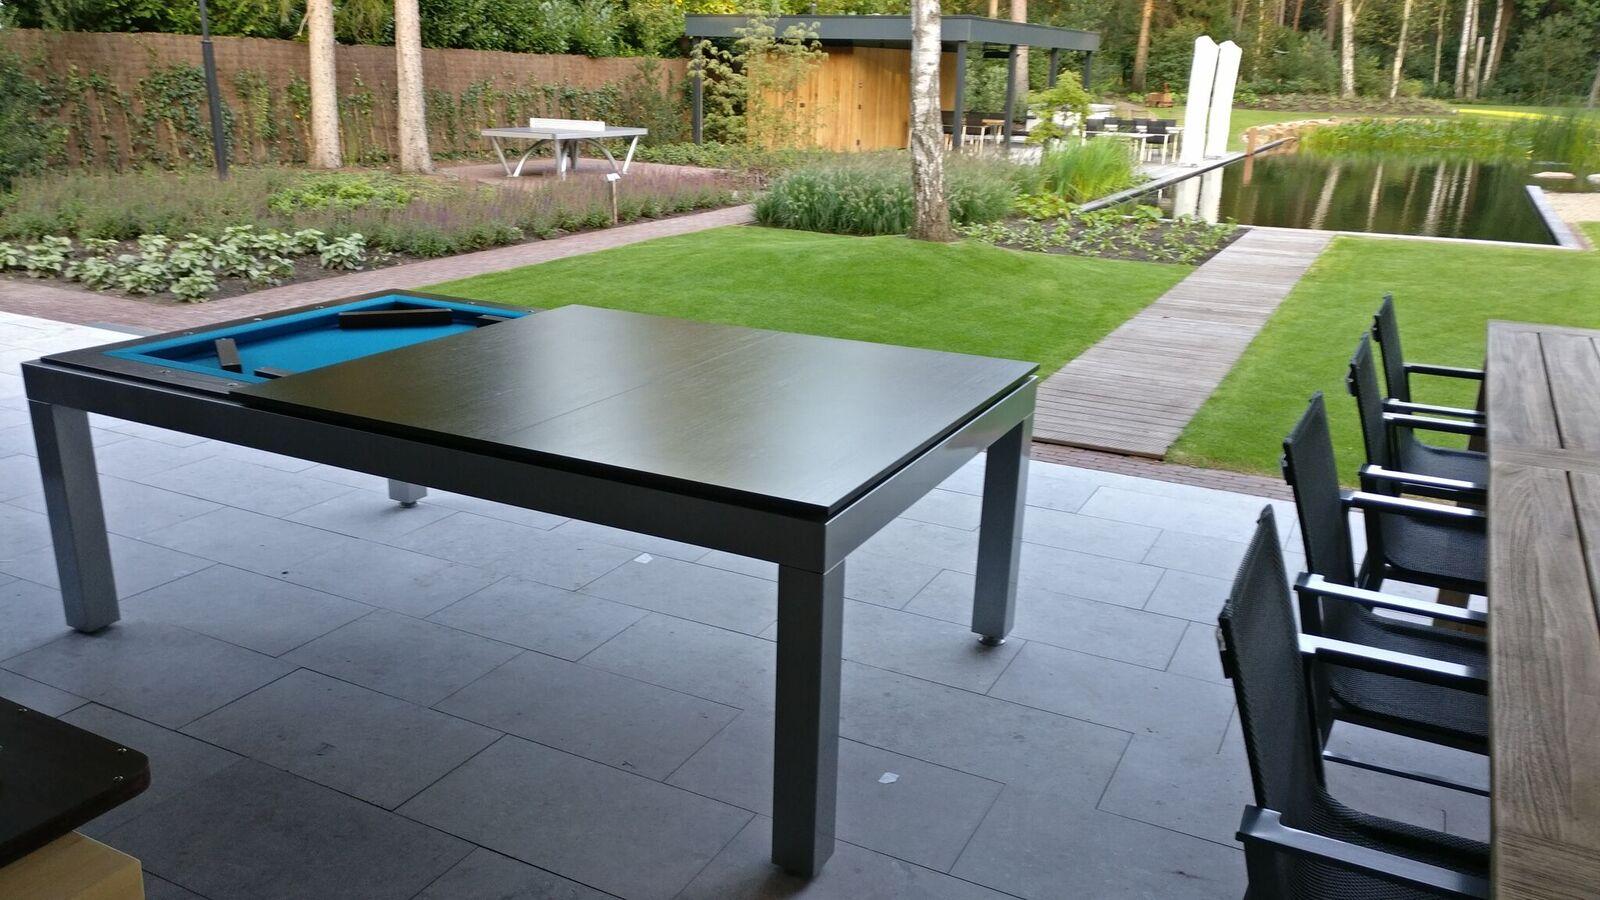 Biliardo tavolo outdoor biliardi - Dimensioni tavolo biliardo casa ...